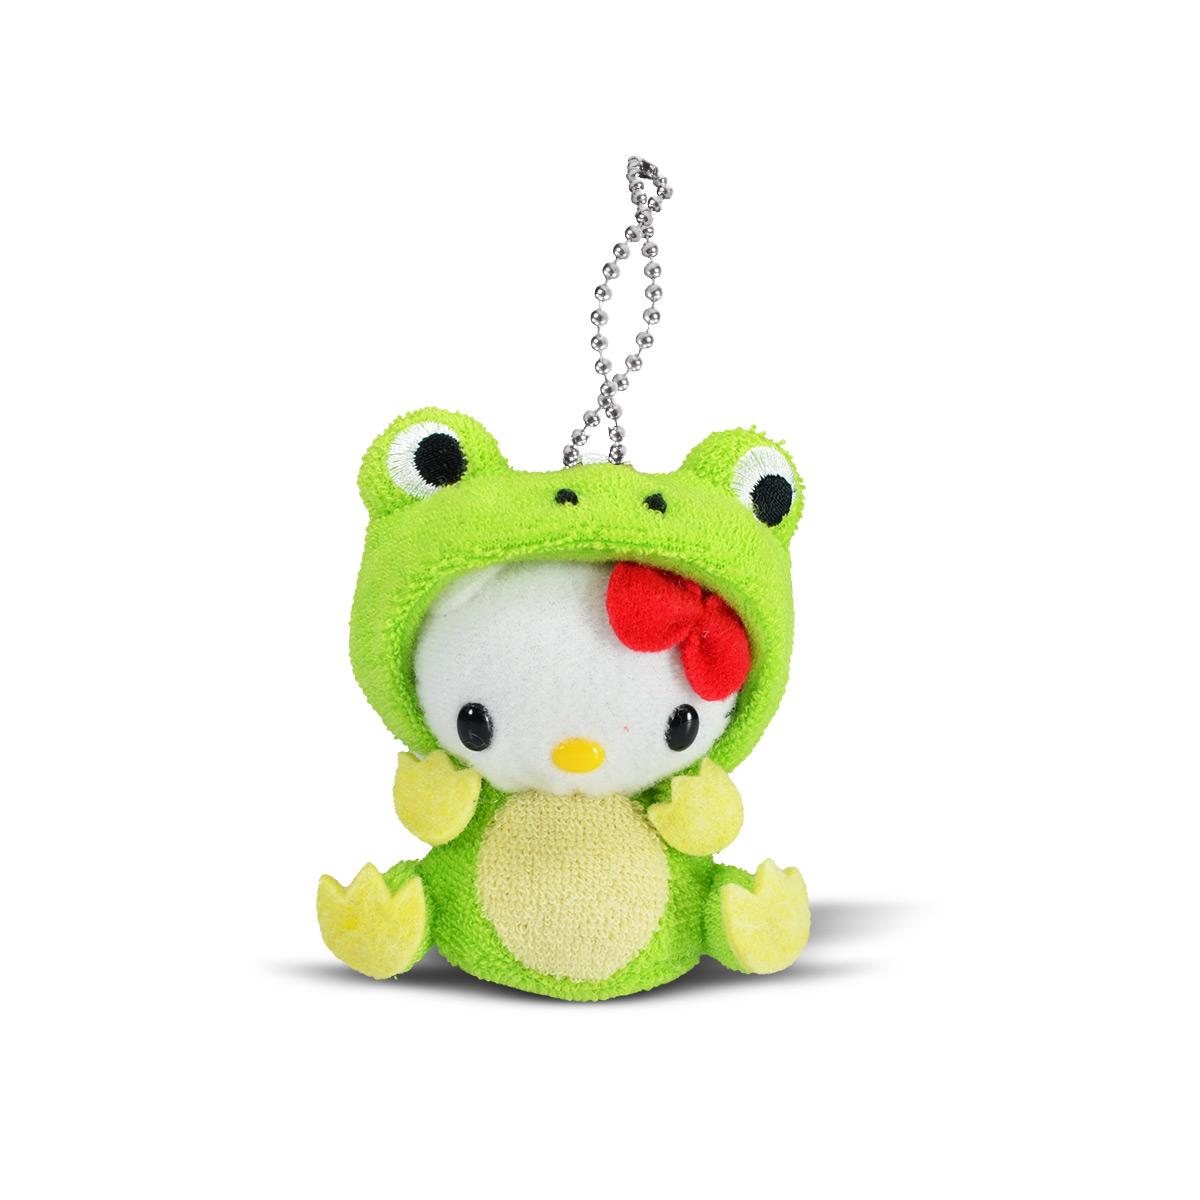 Chaveiro de Pelúcia Hello Kitty Sapo